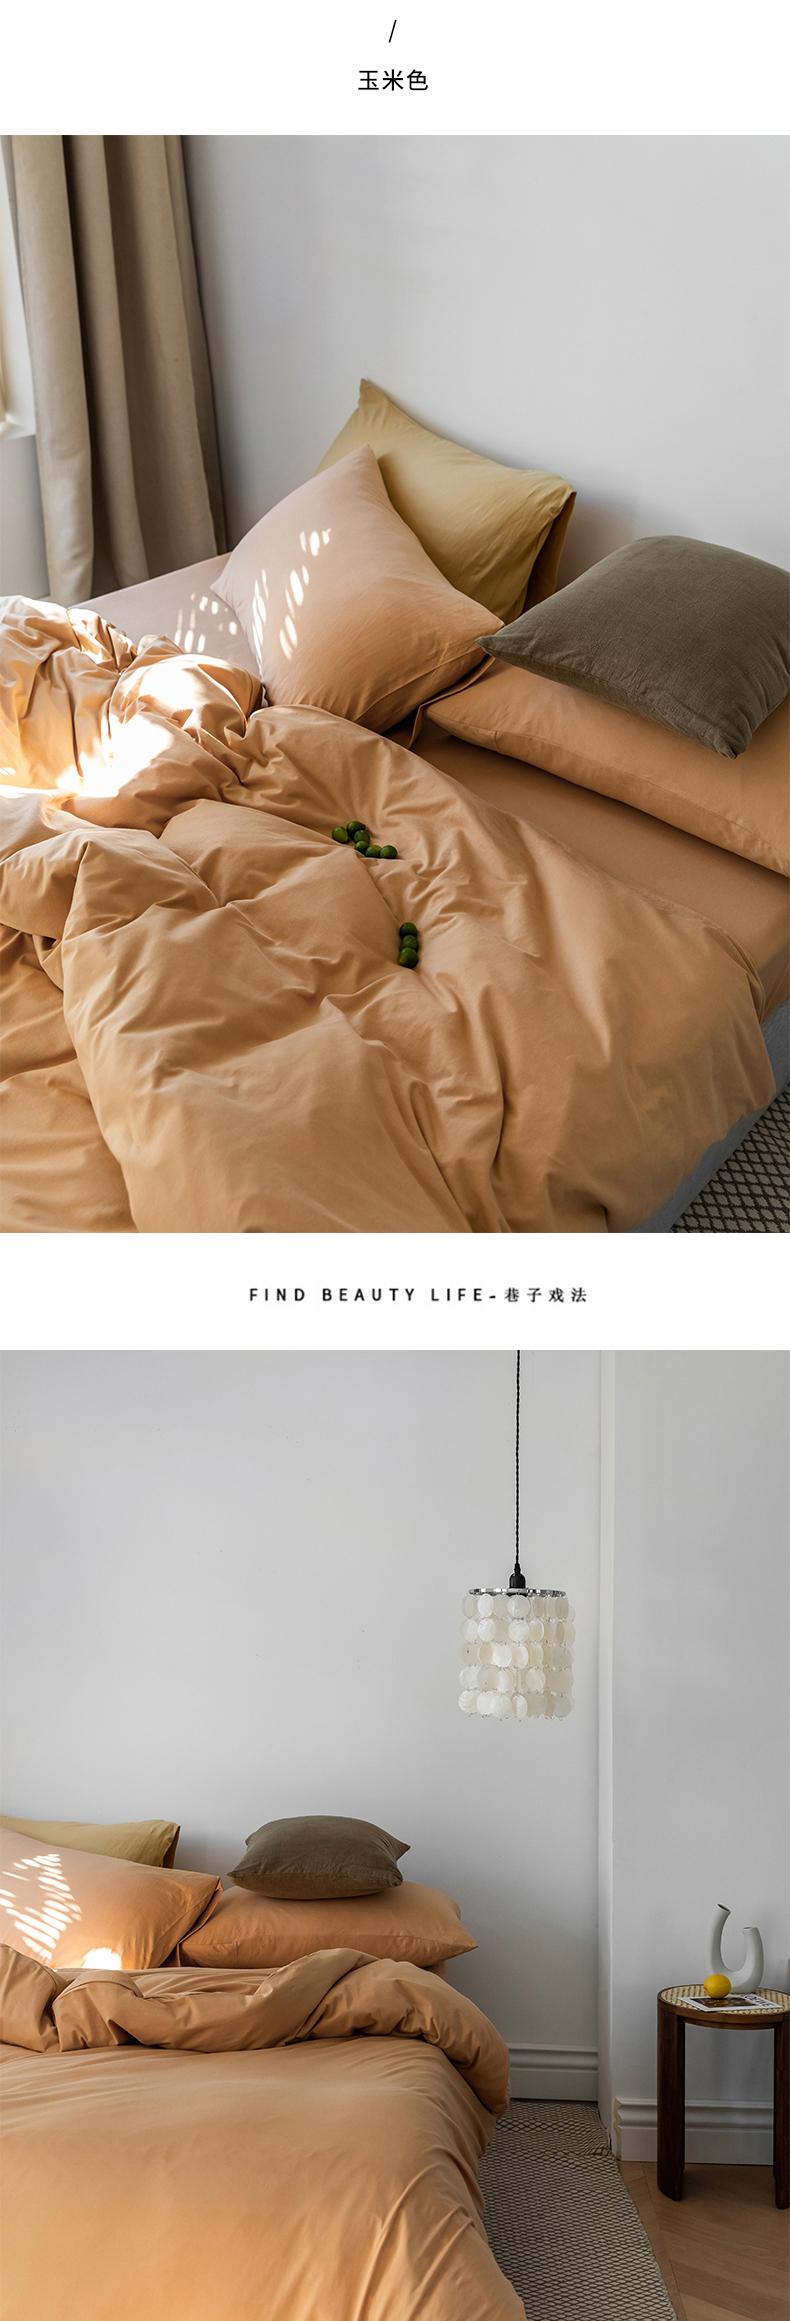 类弹性棉!全棉被套四件套针织棉床上用品纯棉床单天竺棉床品详细照片